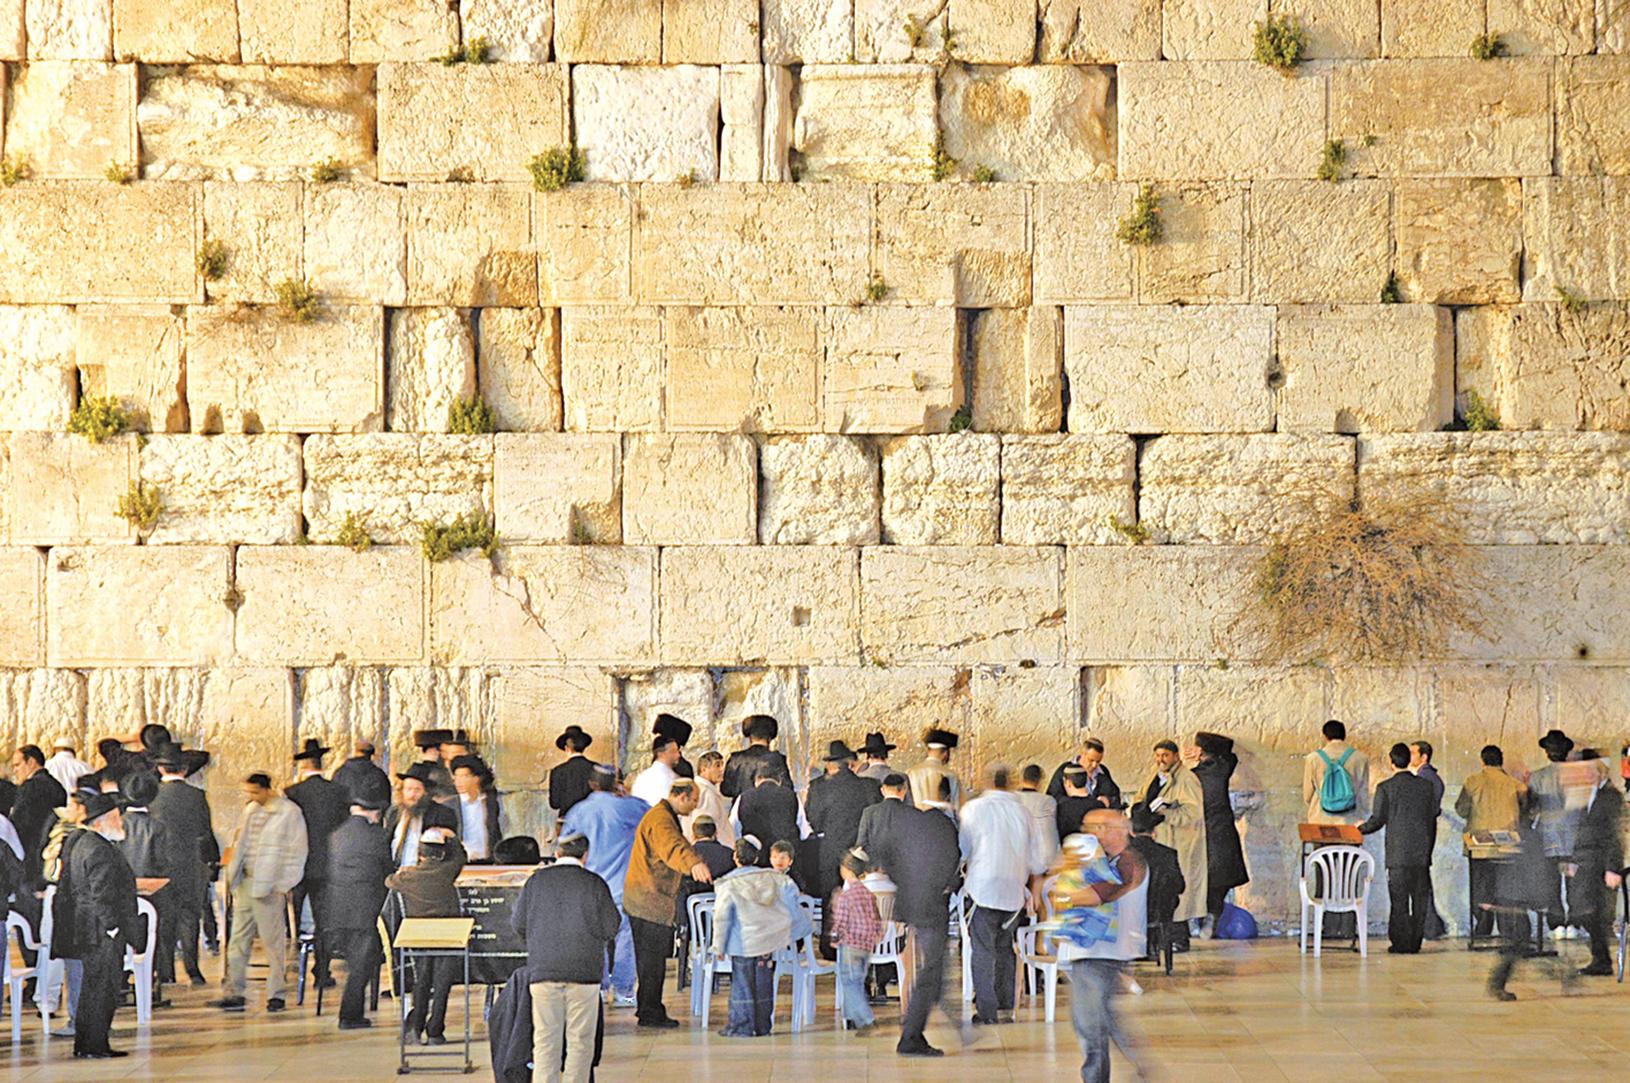 阿拉伯統治者廢除了從公元135年開始,禁止猶太人在耶路撒冷定居的規定,500年來無家可歸的猶太人,終於可以落葉歸根。圖為耶路撒冷之猶太教聖殿唯一遺蹟「西牆」。(Wayne McLean (jgritz) / 維基百科)